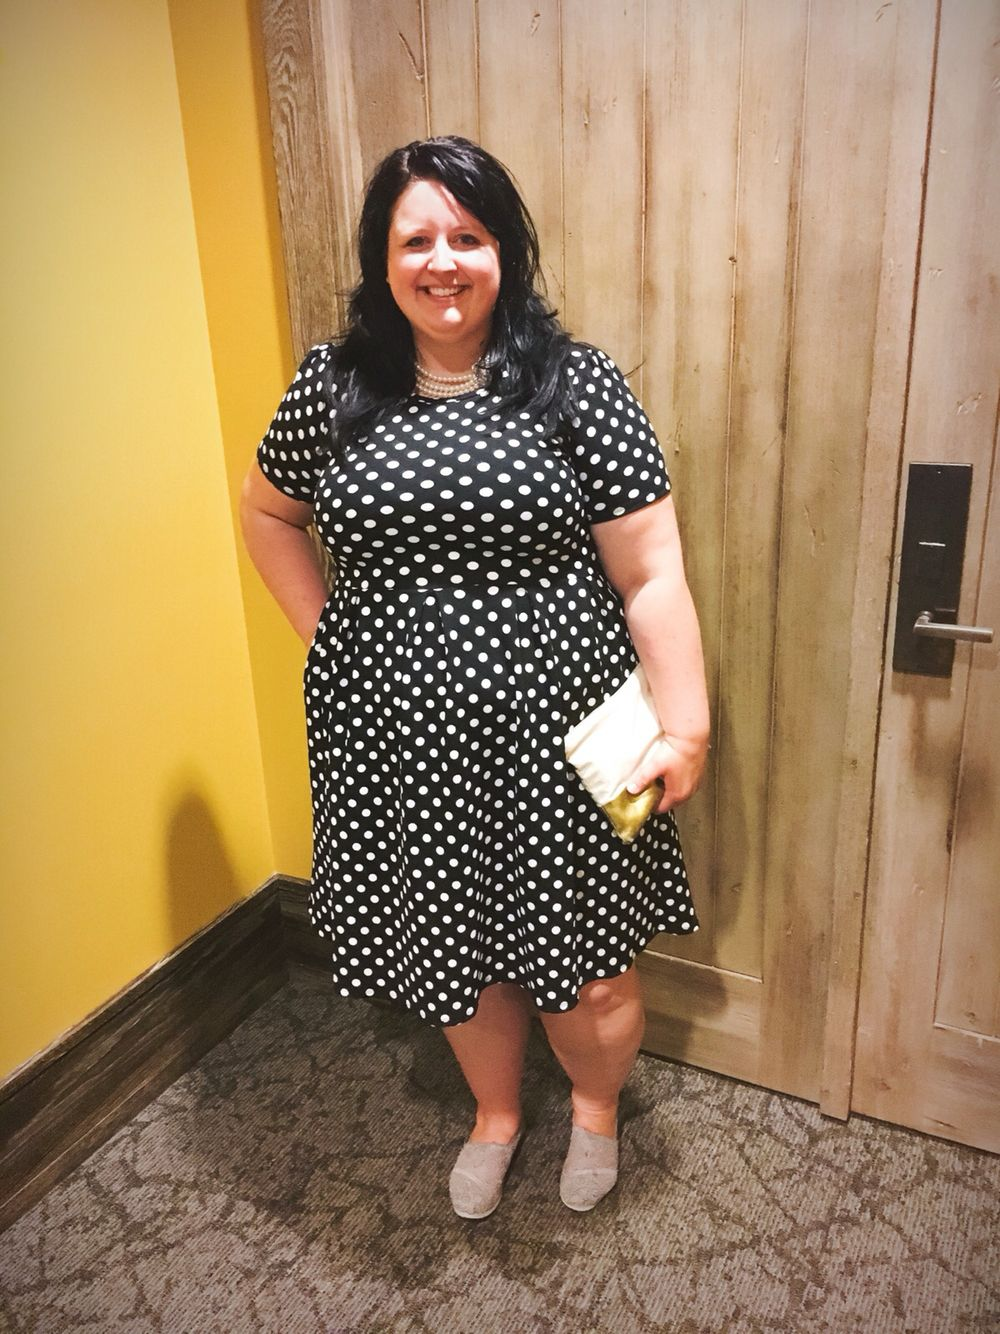 778469e8f48 LuLaRoe Amelia dress